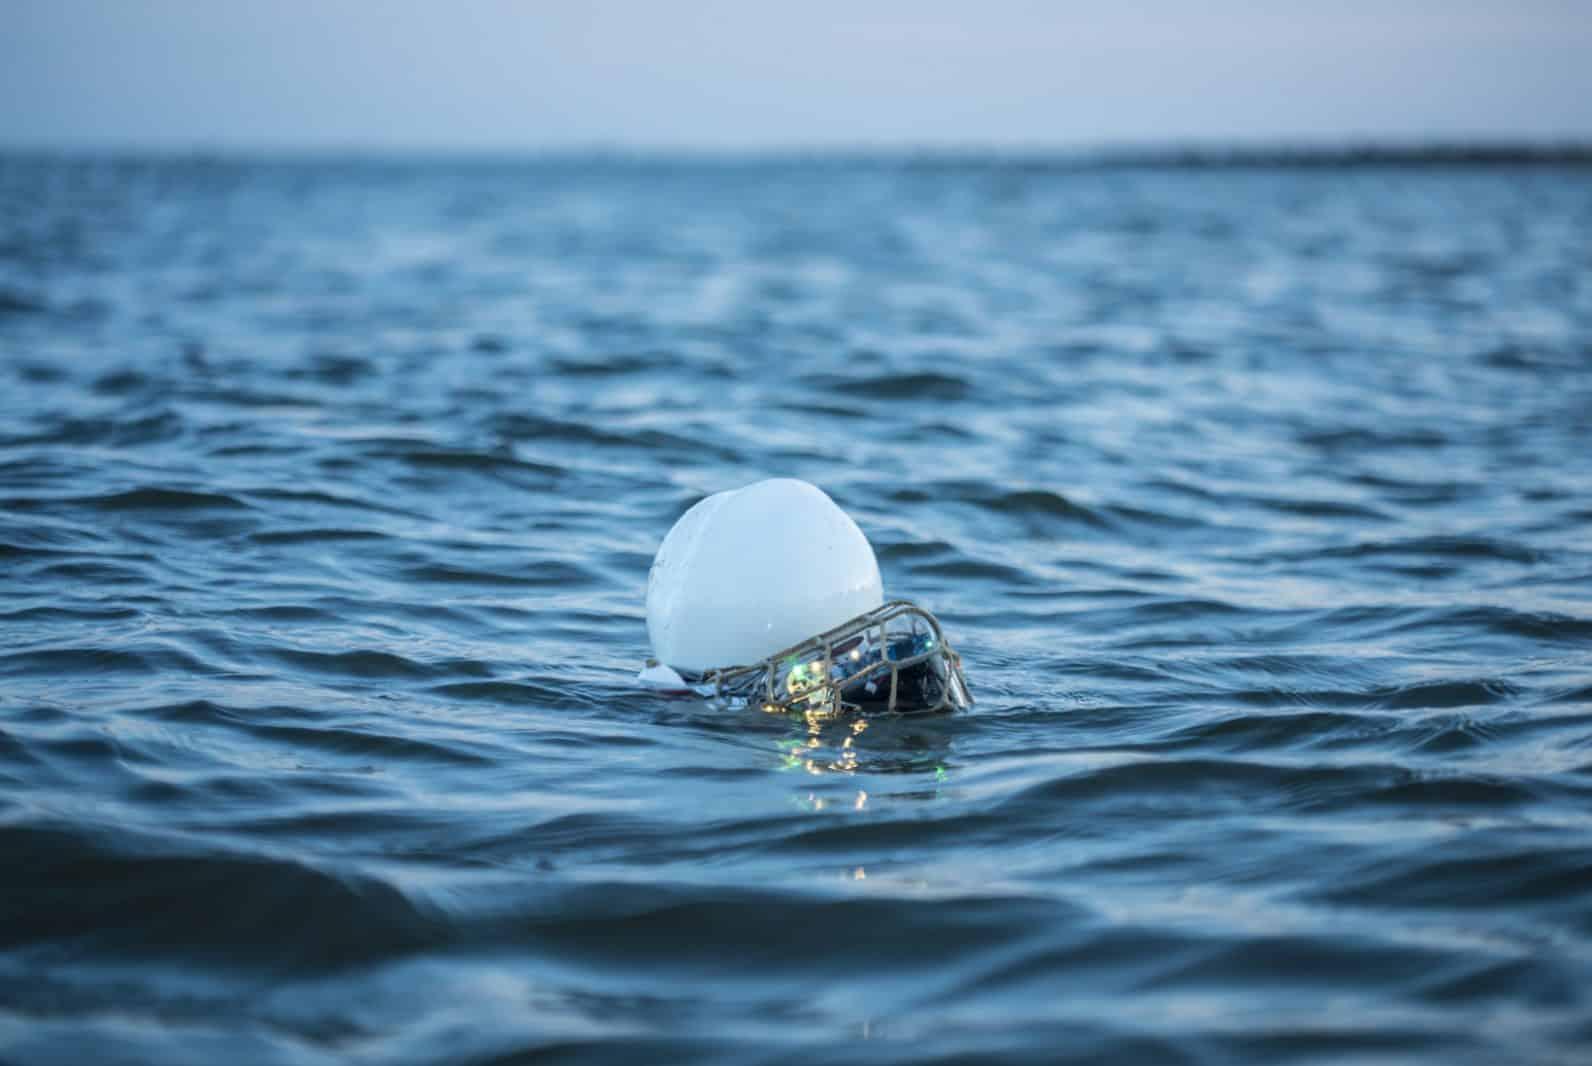 mineração criptomoeda energia cinética marés